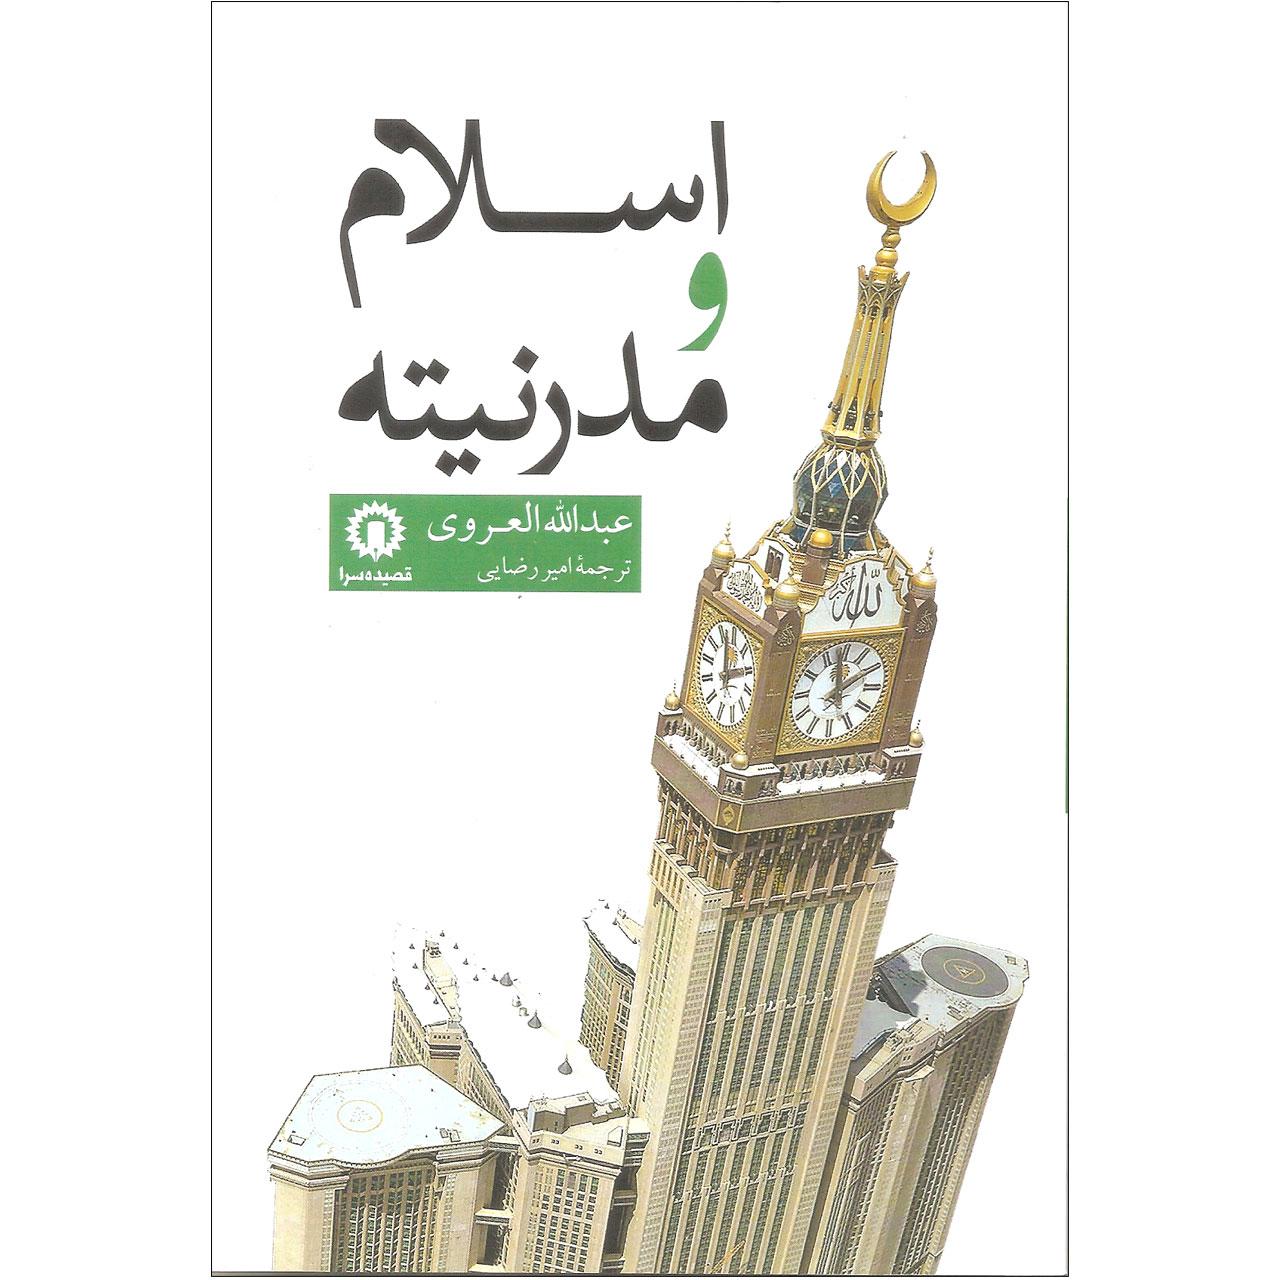 کتاب اسلام و مدرنیته اثر عبدالله العروی نشر قصیده سرا